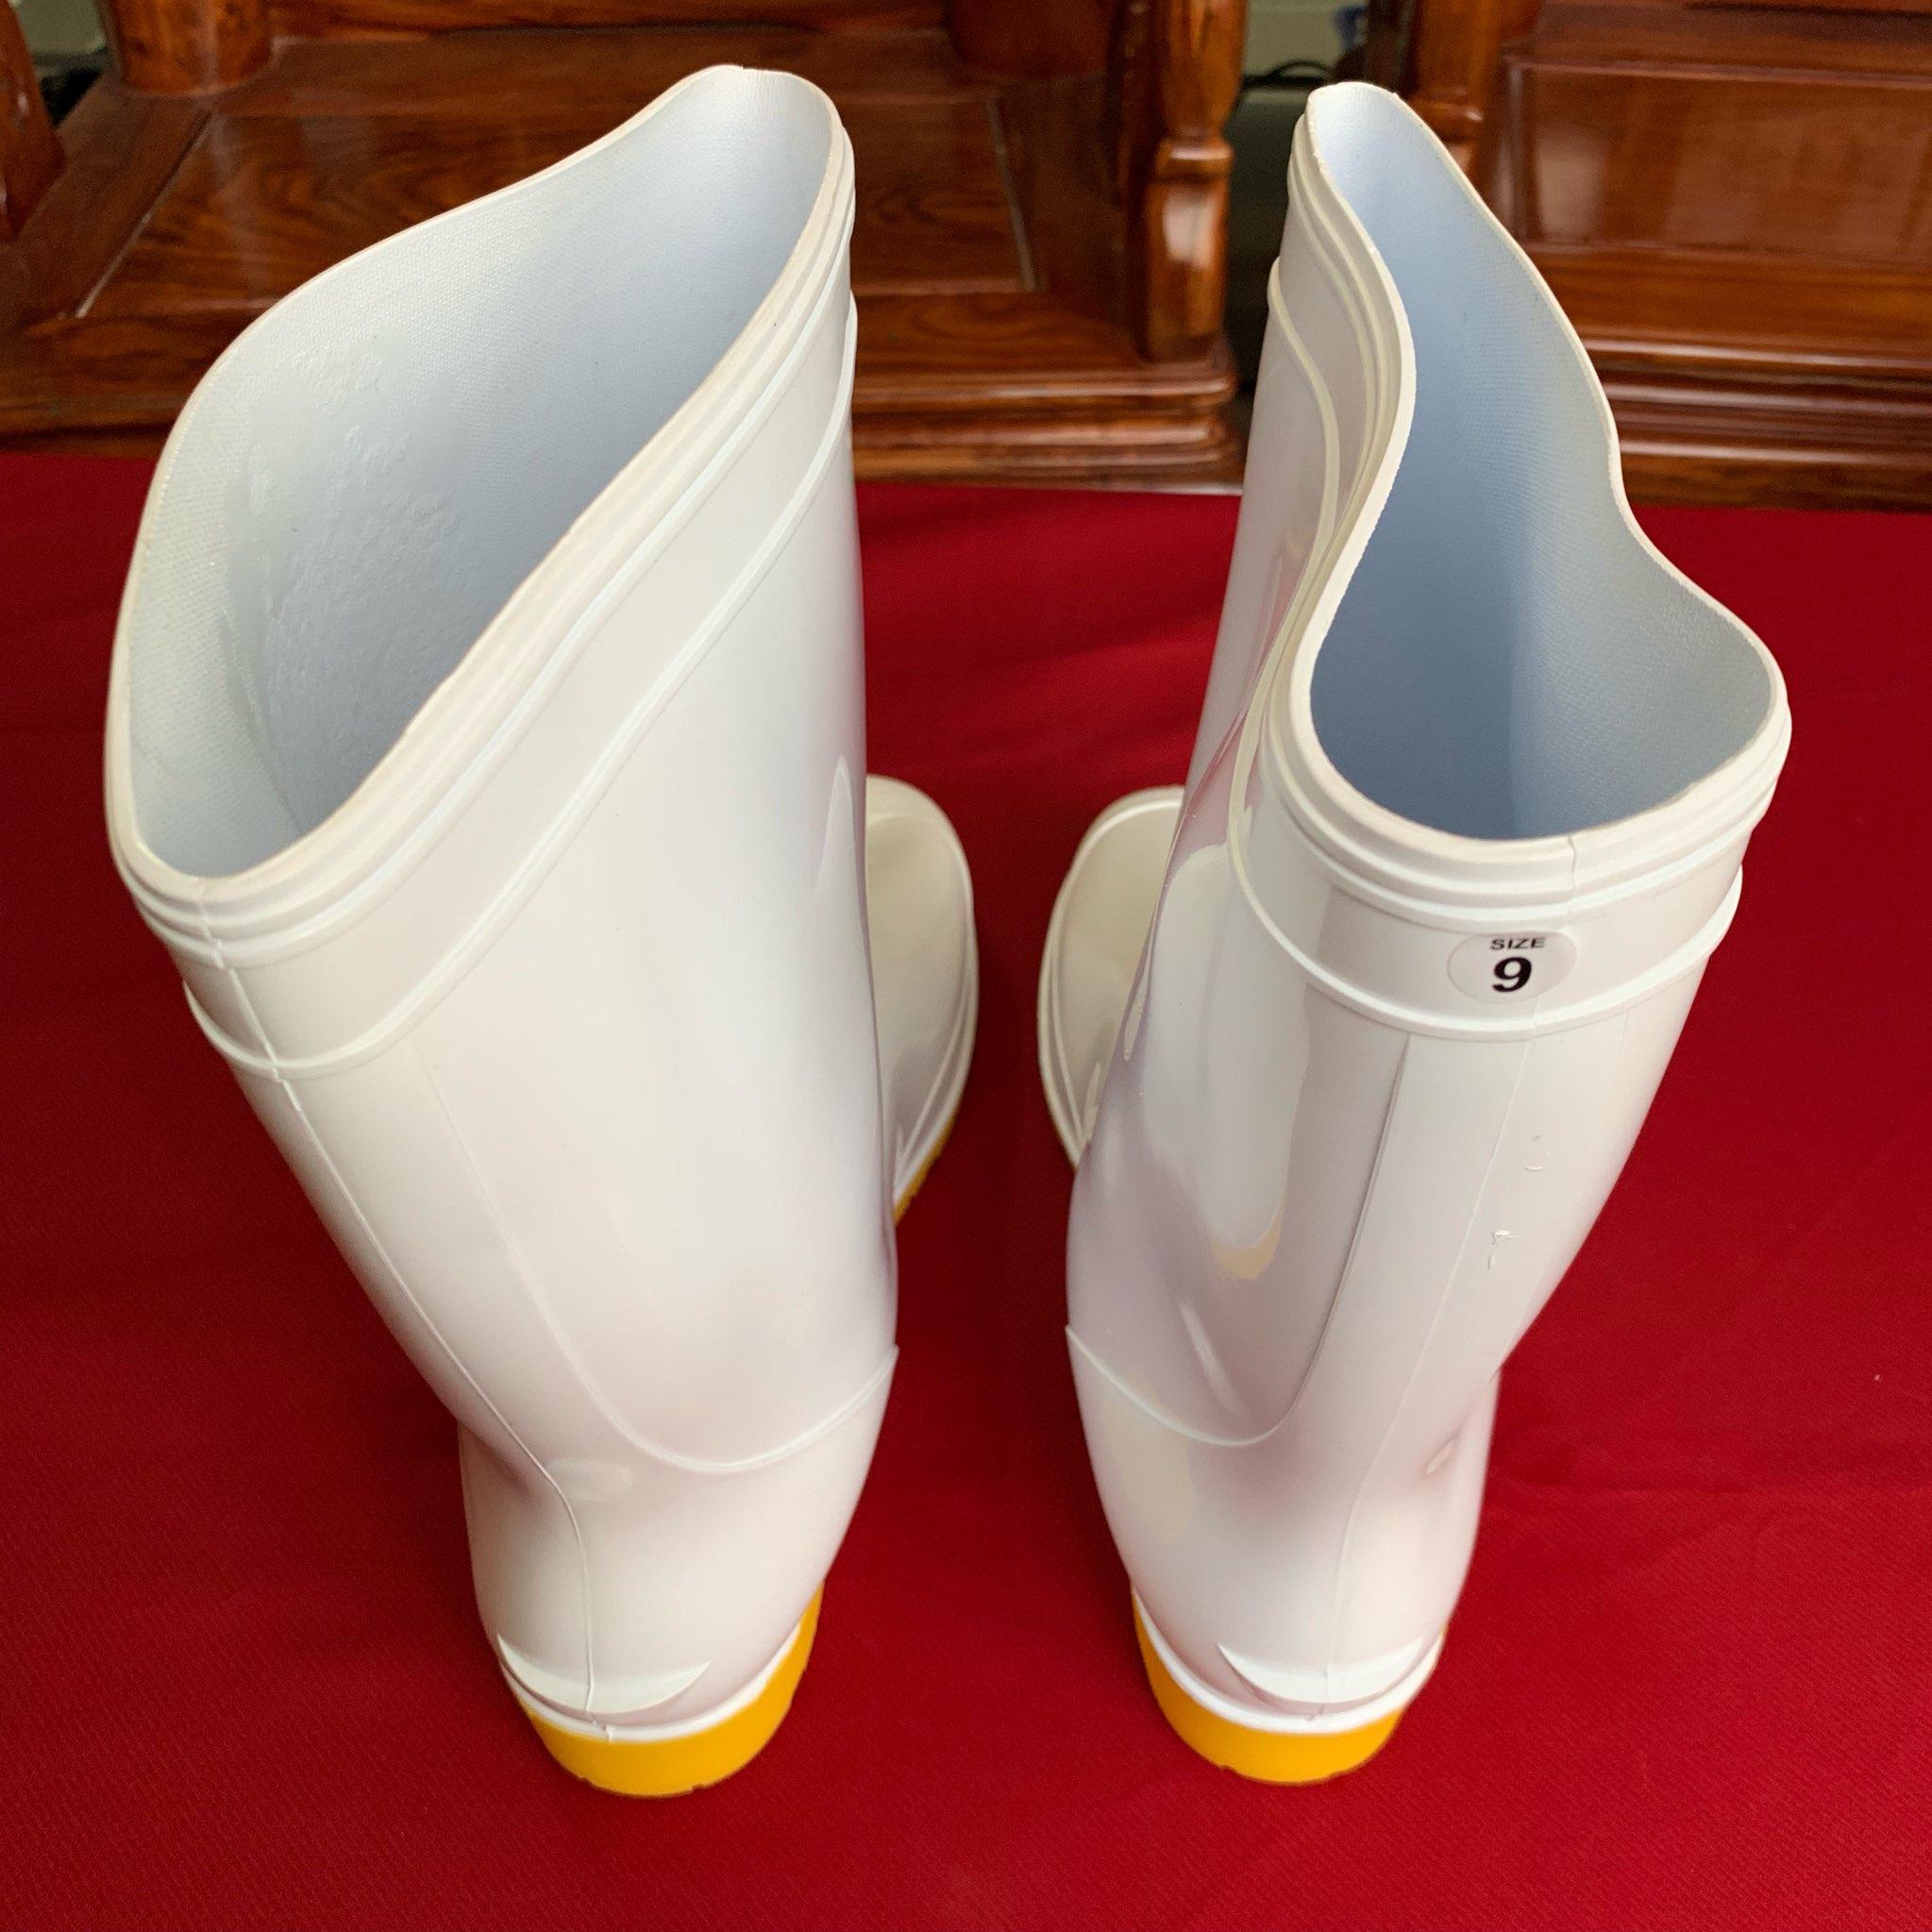 Ủng bảo hộ thân trắng đế vàng  RB003 size 42 ( Size 9 ) OEM-1865